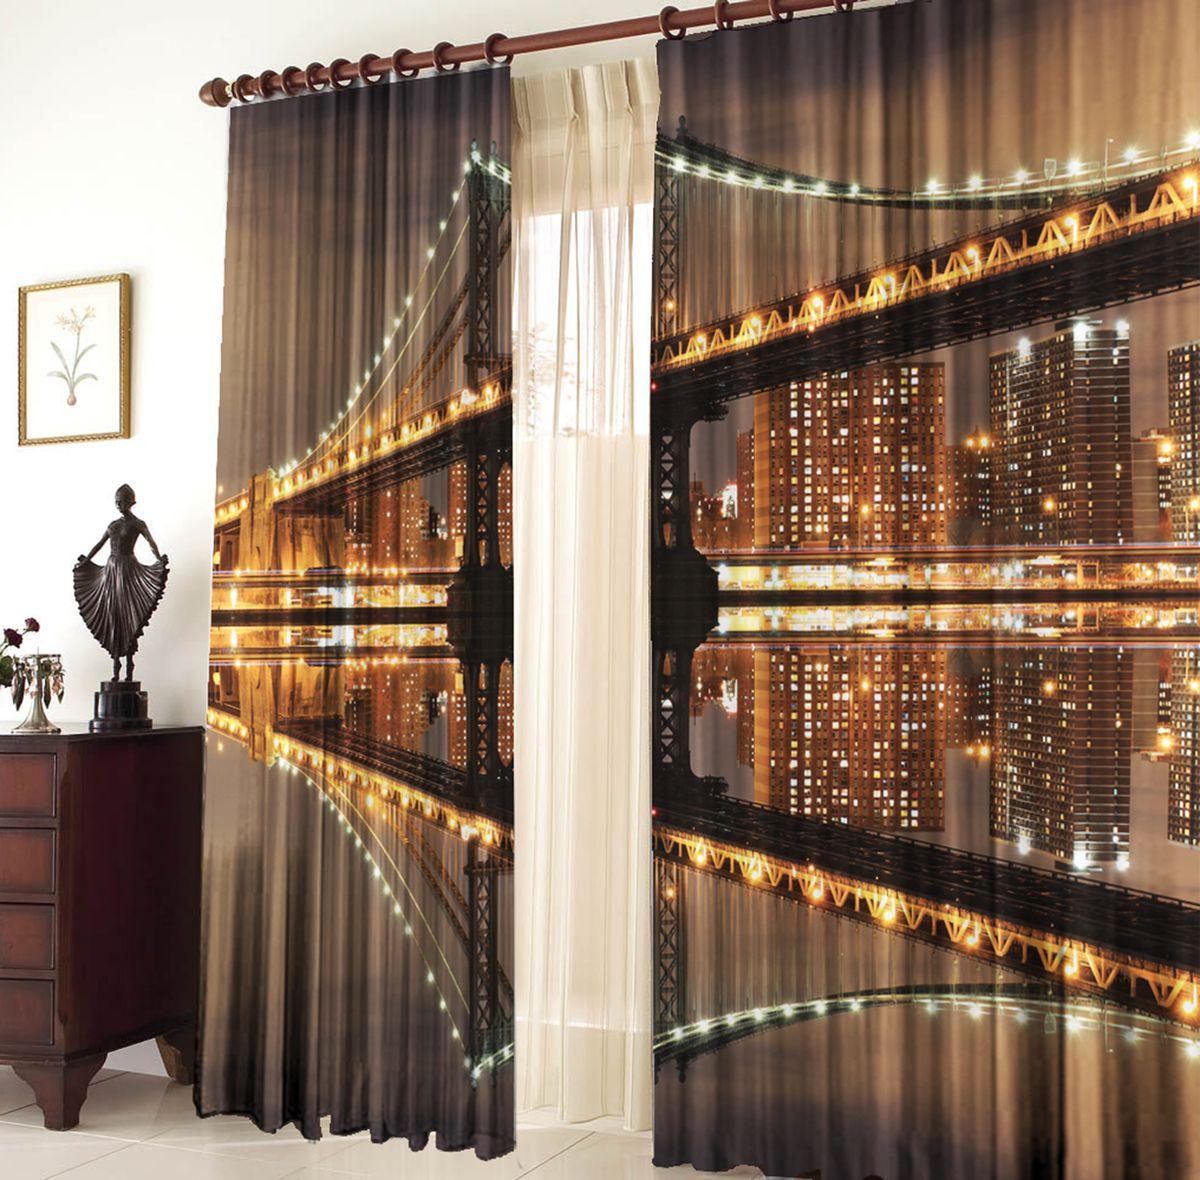 Комплект фотоштор Zlata Korunka Мост, на ленте, высота 270 см21213Комплект фотоштор Zlata Korunka изготовлен из габардиновой ткани высочайшего качества. Фотошторы способны не пропускать самый яркий свет, их можно гладить и стирать. Рекомендации по уходу: бережная стирка при 30°С, деликатный отжим, отбеливание запрещено, гладить при температуре не более 150°С. Светопоглощение 70%. Плотность ткани: 150 г/м2. Оттенок изделия может отличаться от представленного на сайте в силу особенностей цветопередачи фототехники и вашего монитора.